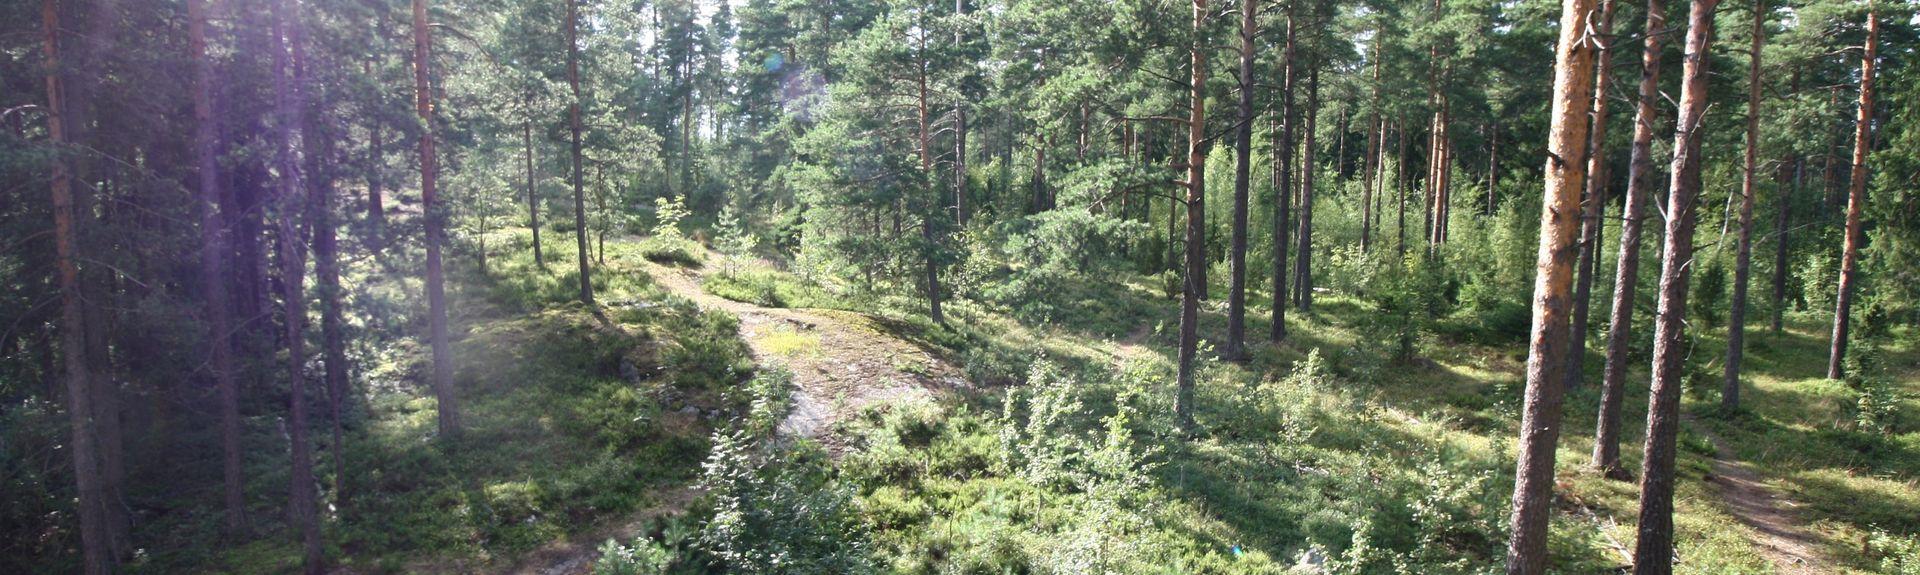 Espoo, Uusimaa, Finnland